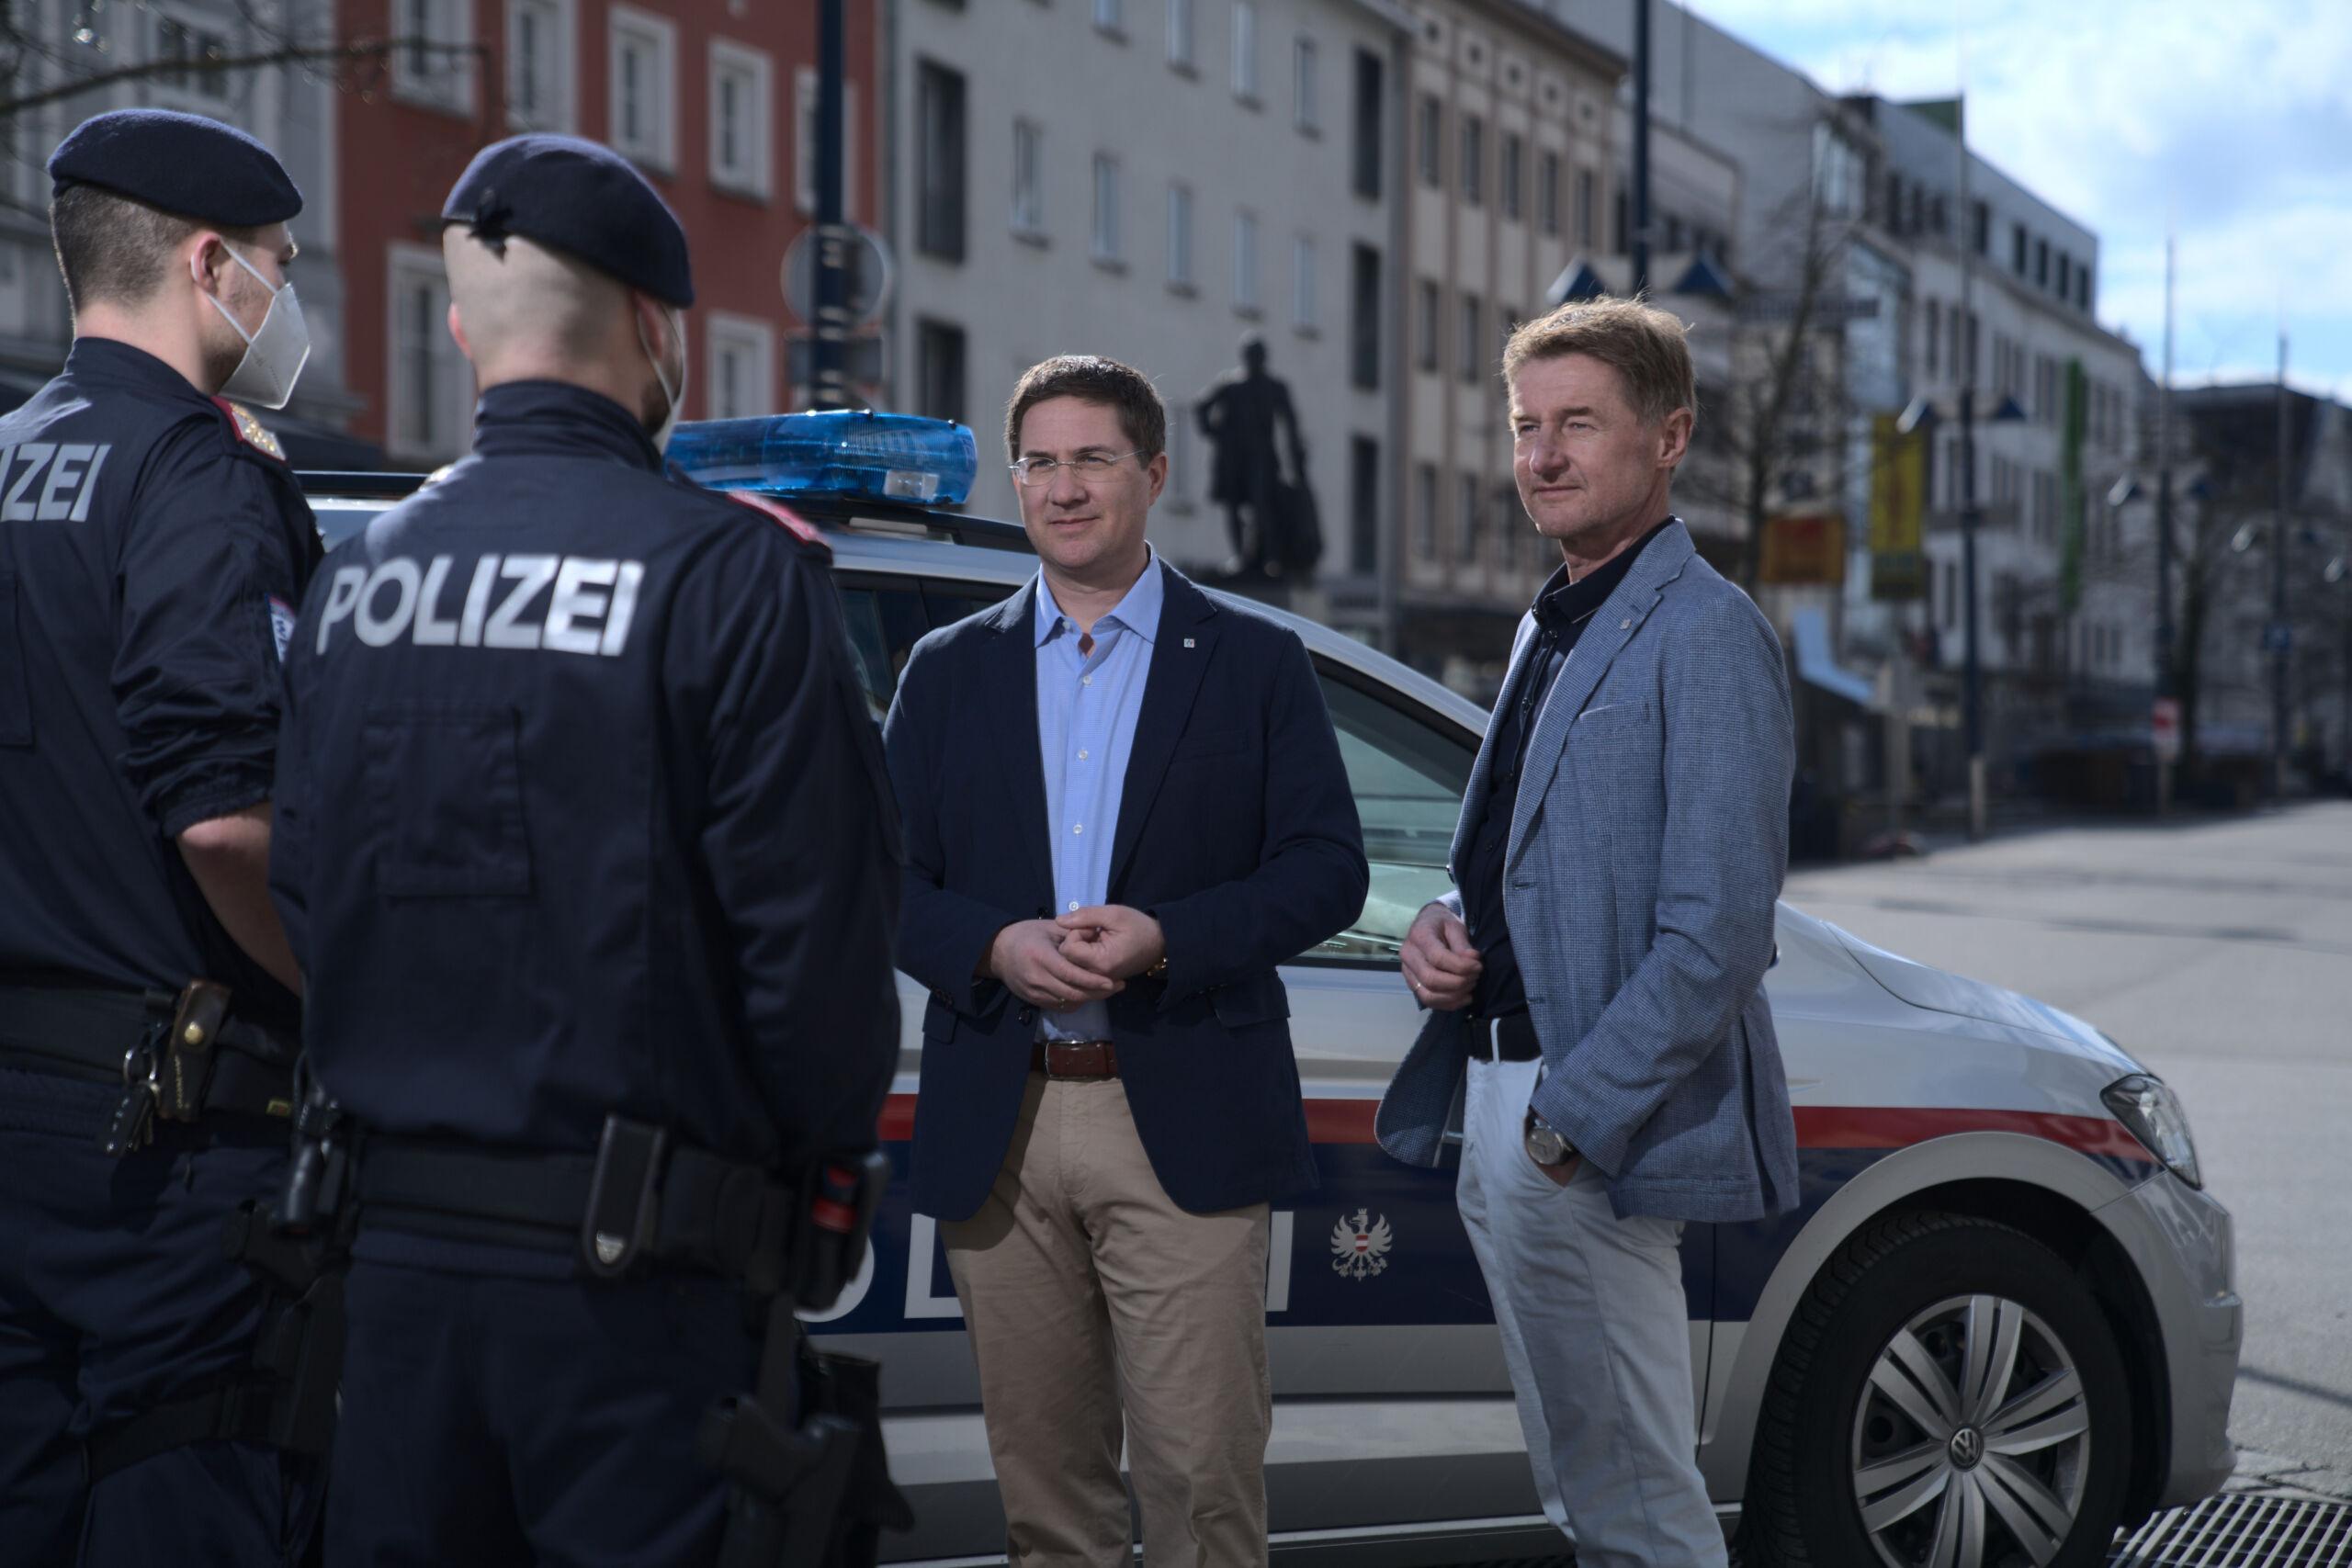 Bürgermeister Dr. Andreas Rabl und Vzbgm. Gerhard Kroiß im Gespräch mit 2 Polizisten auf dem Stadtplatz